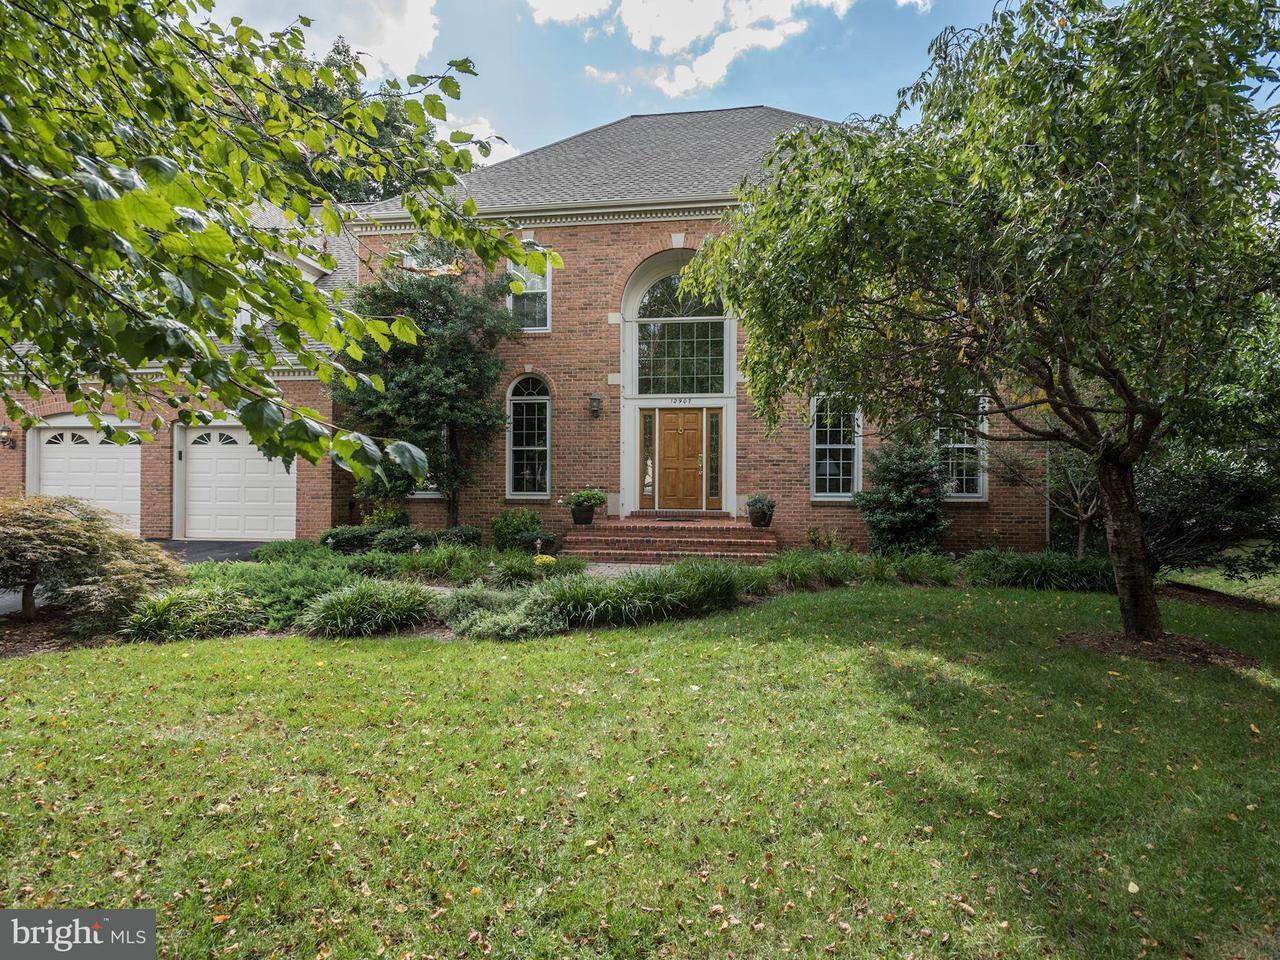 獨棟家庭住宅 為 出售 在 12907 Harrington Court 12907 Harrington Court Herndon, 弗吉尼亞州 20171 美國